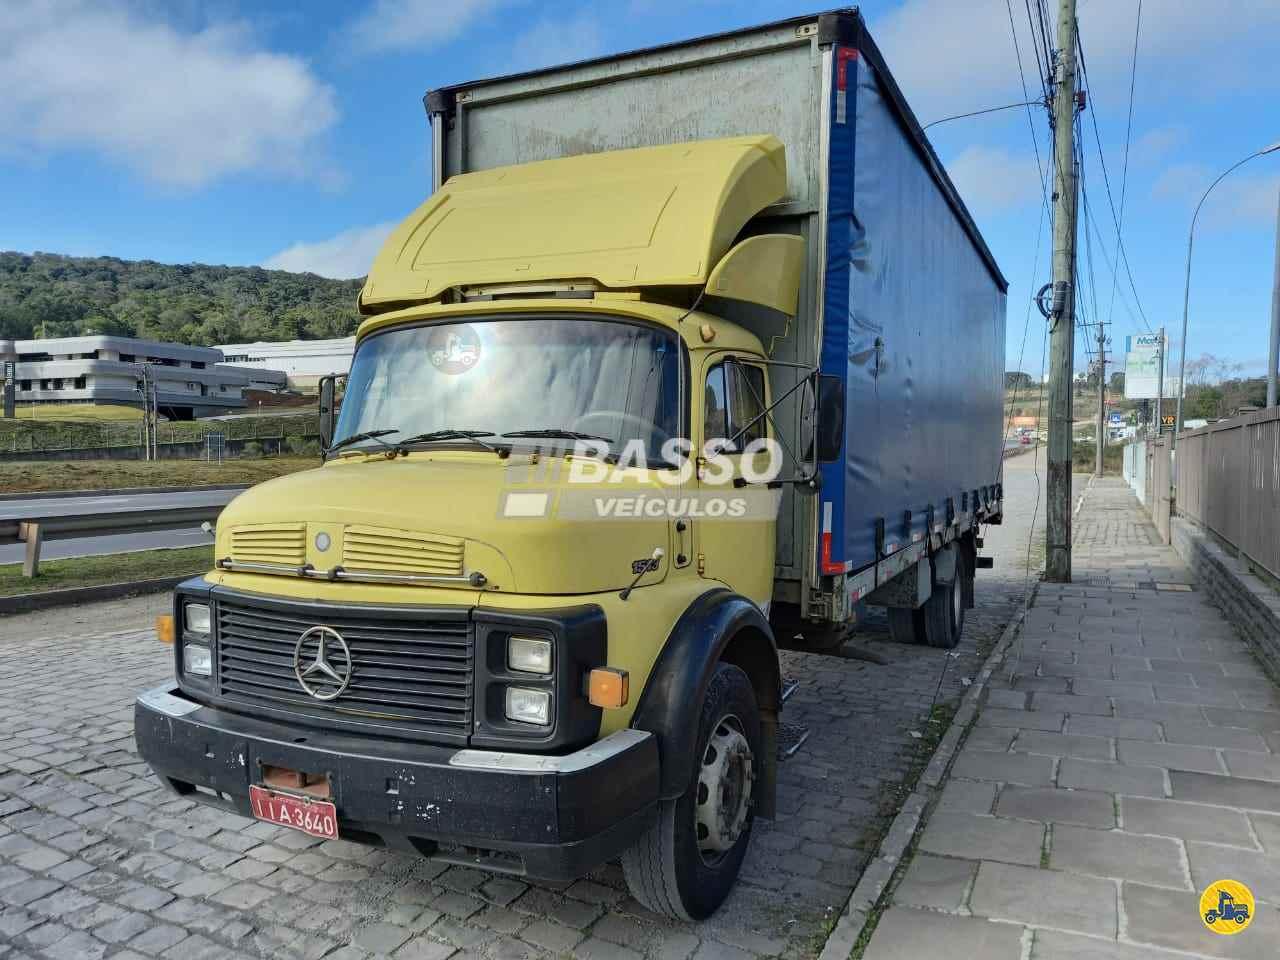 CAMINHAO MERCEDES-BENZ MB 1513 Baú Sider Toco 4x2 Basso Veículos GARIBALDI RIO GRANDE DO SUL RS